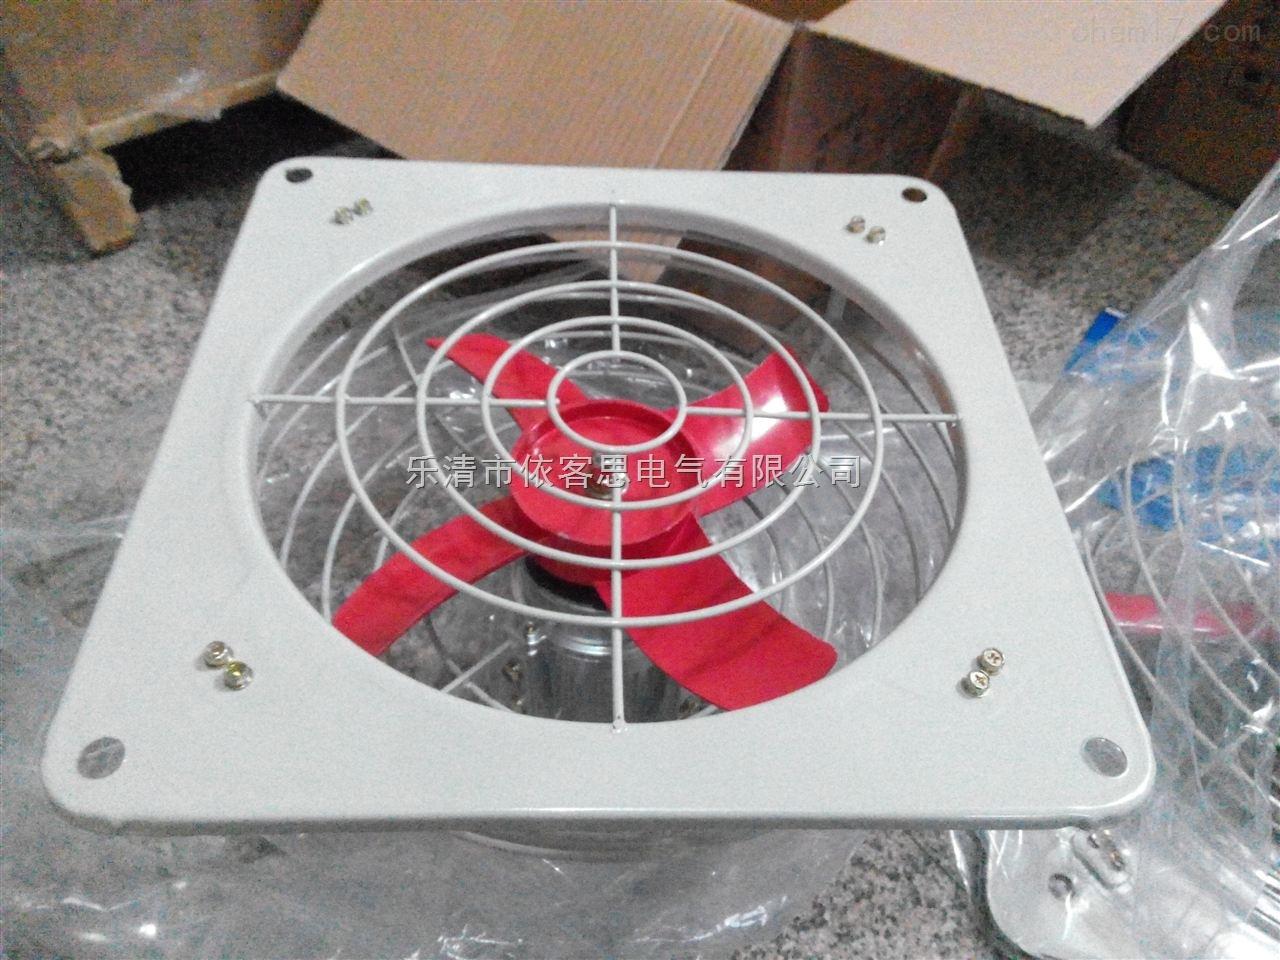 FAG-300防爆排风机400风叶直径180W防爆排风扇电机